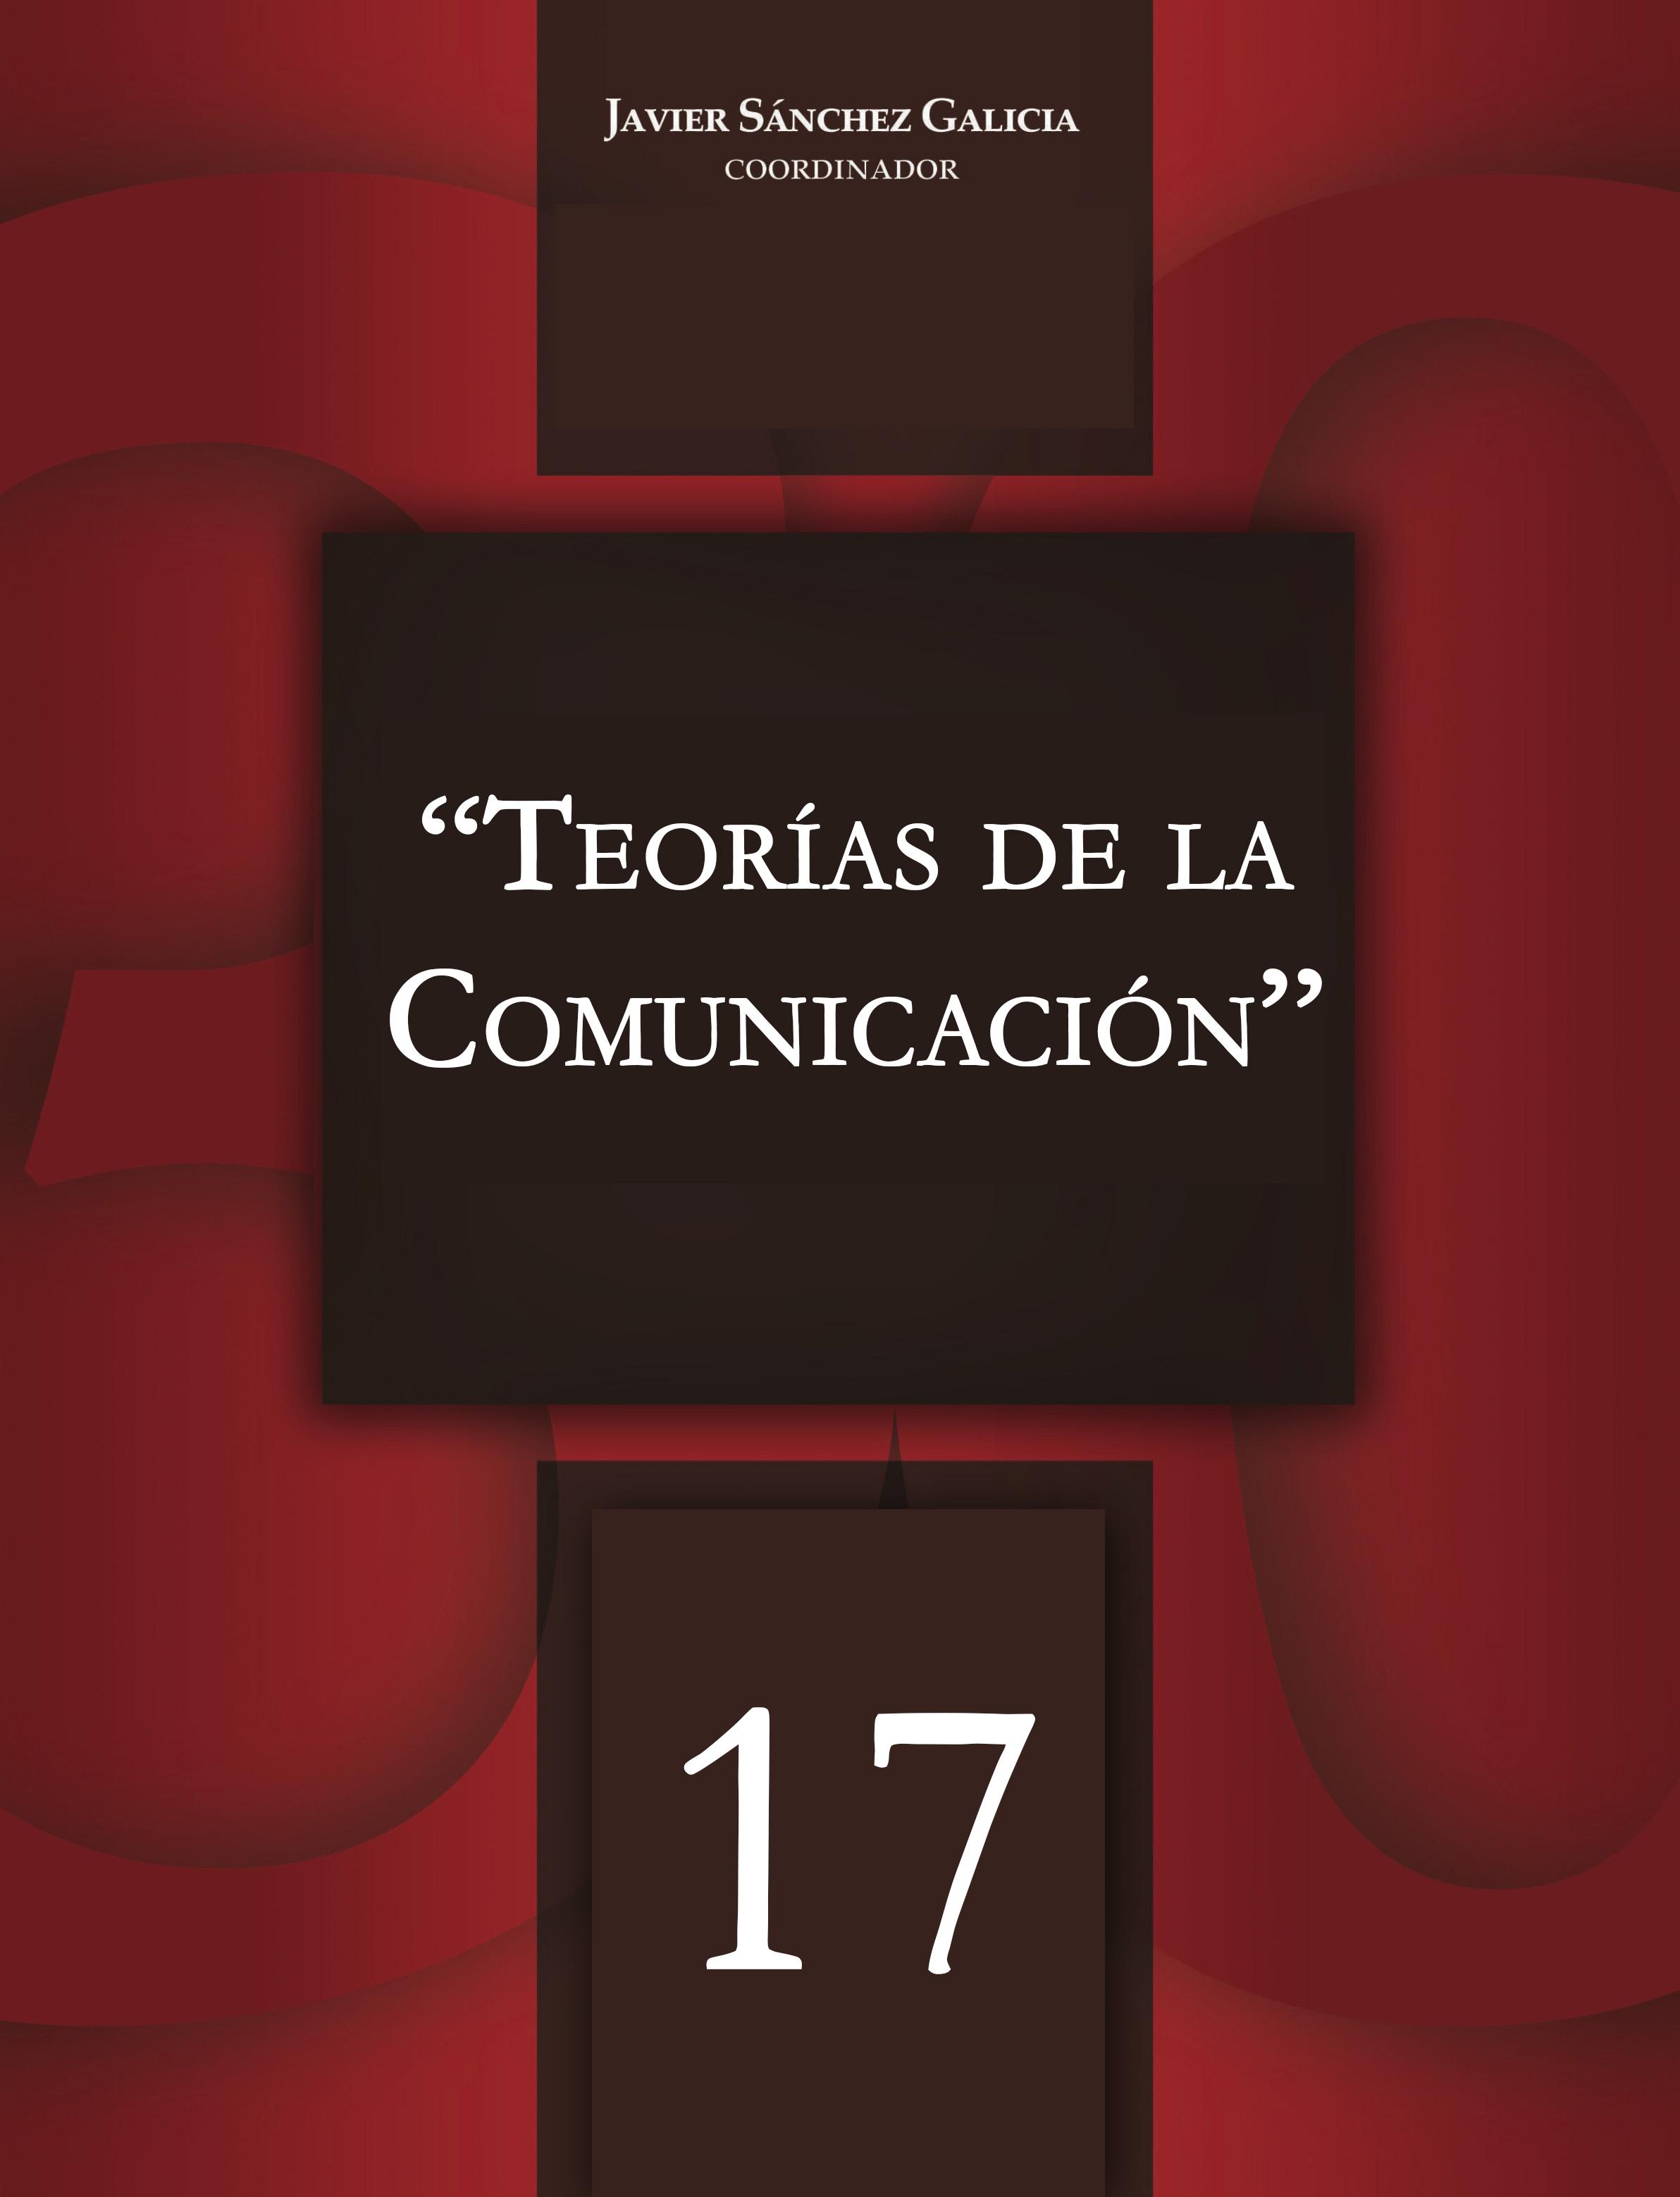 Artículos 30 Claves – 17 Teorías de la Comunicación